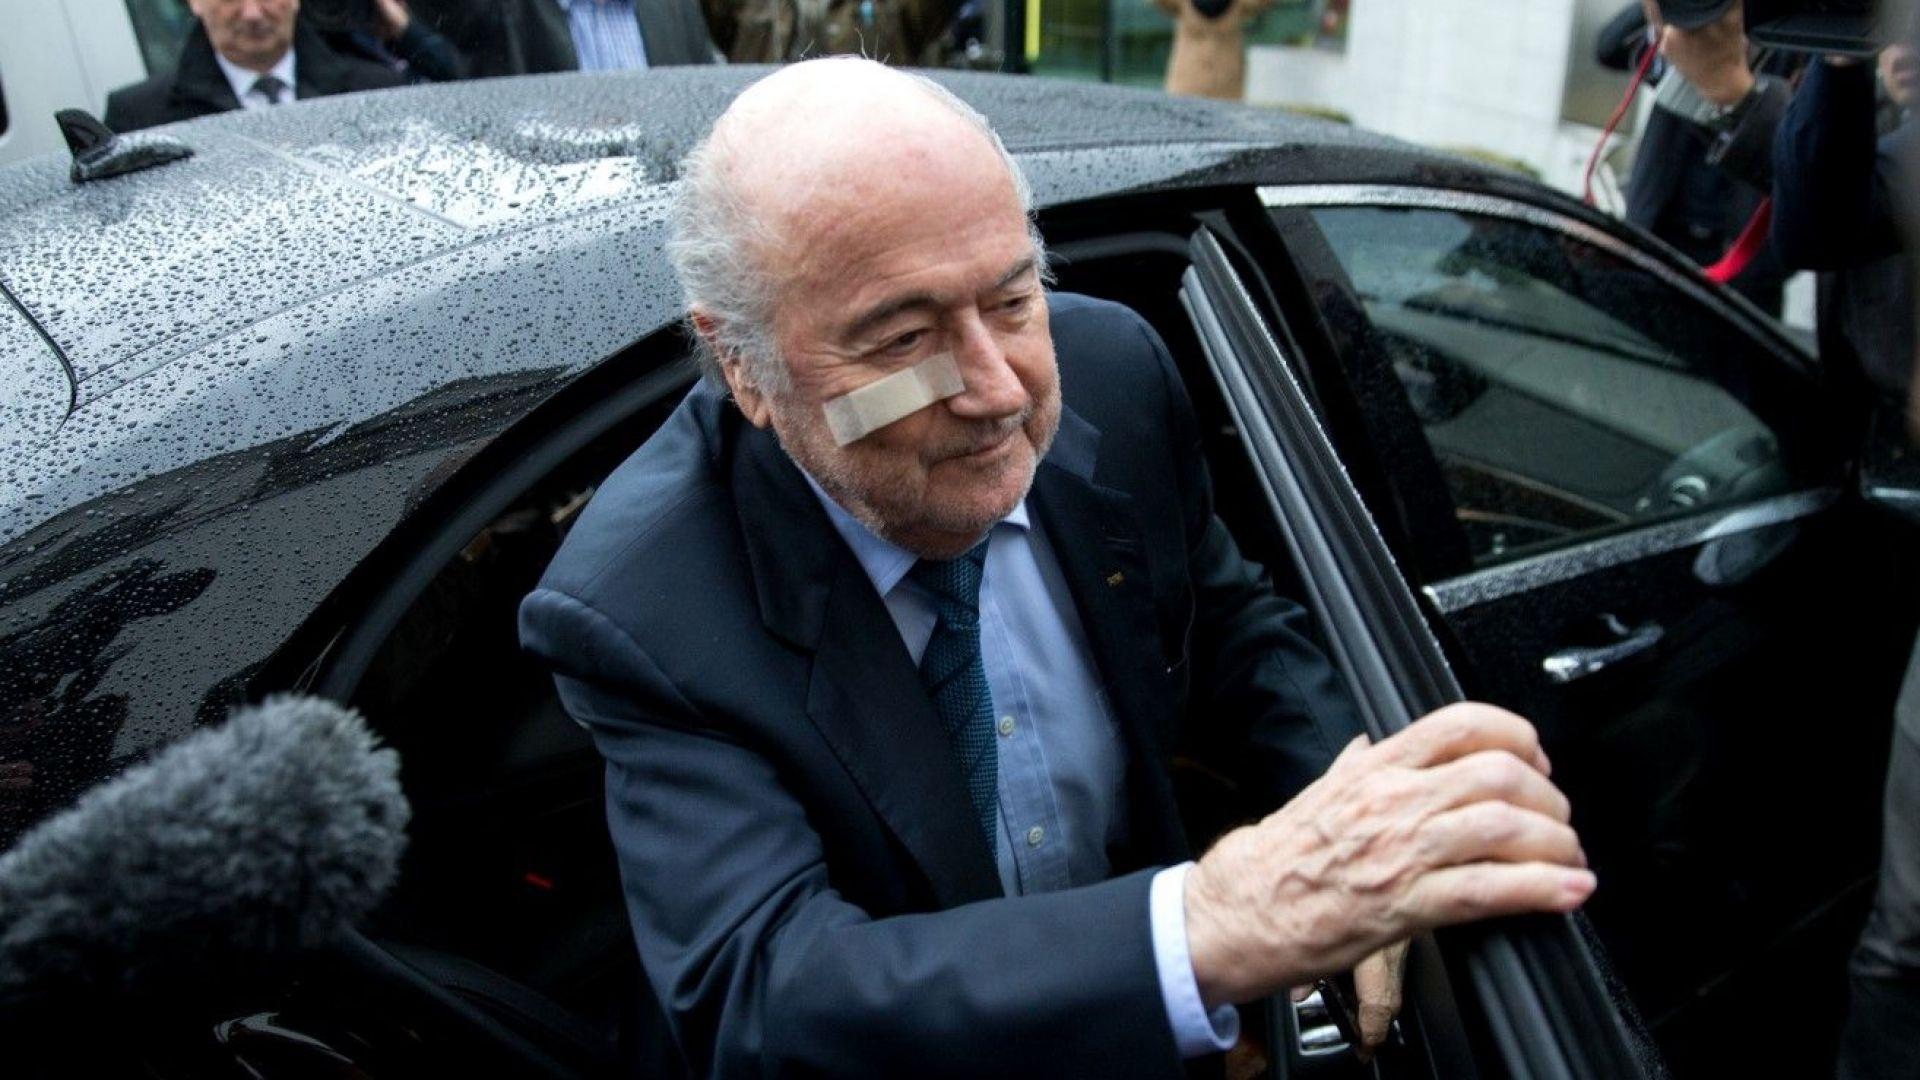 Бившият президент на ФИФА Сеп Блатер е приет в болница